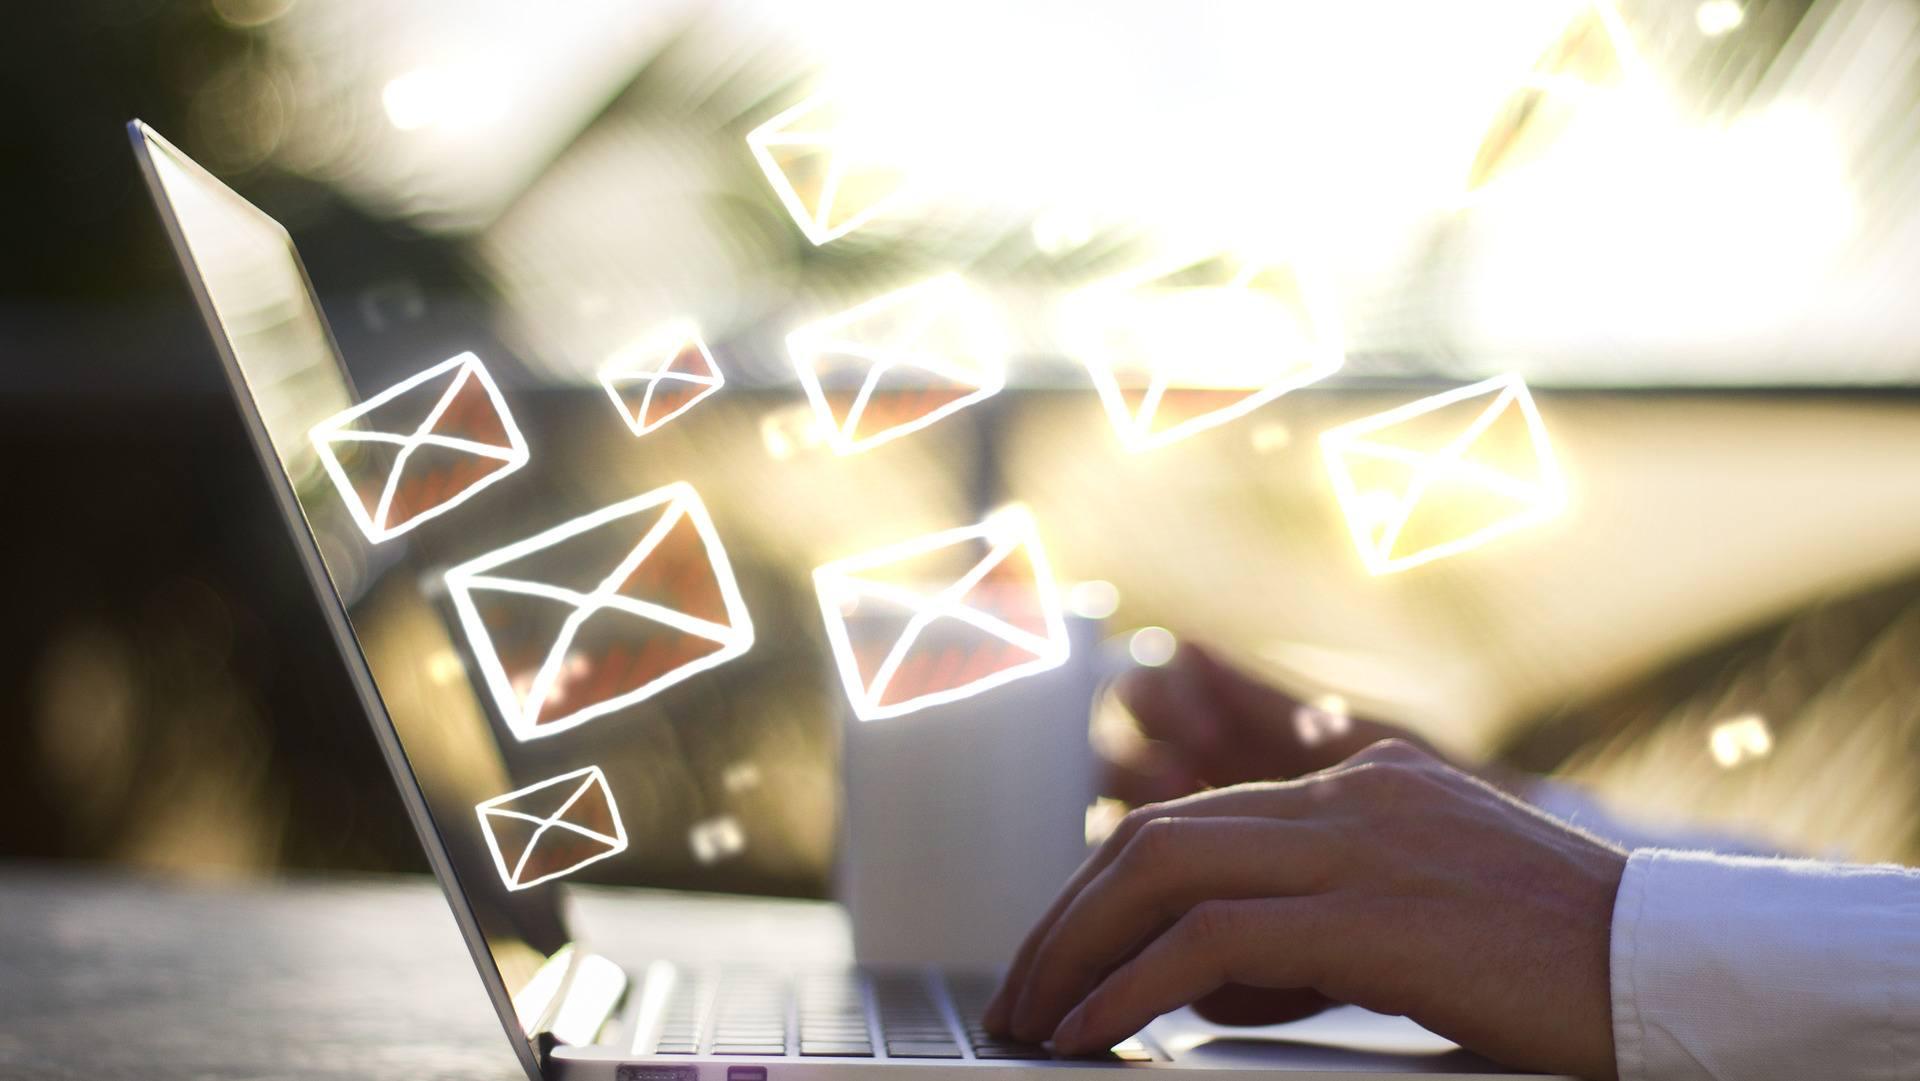 Venta a Puerta Fría por Email